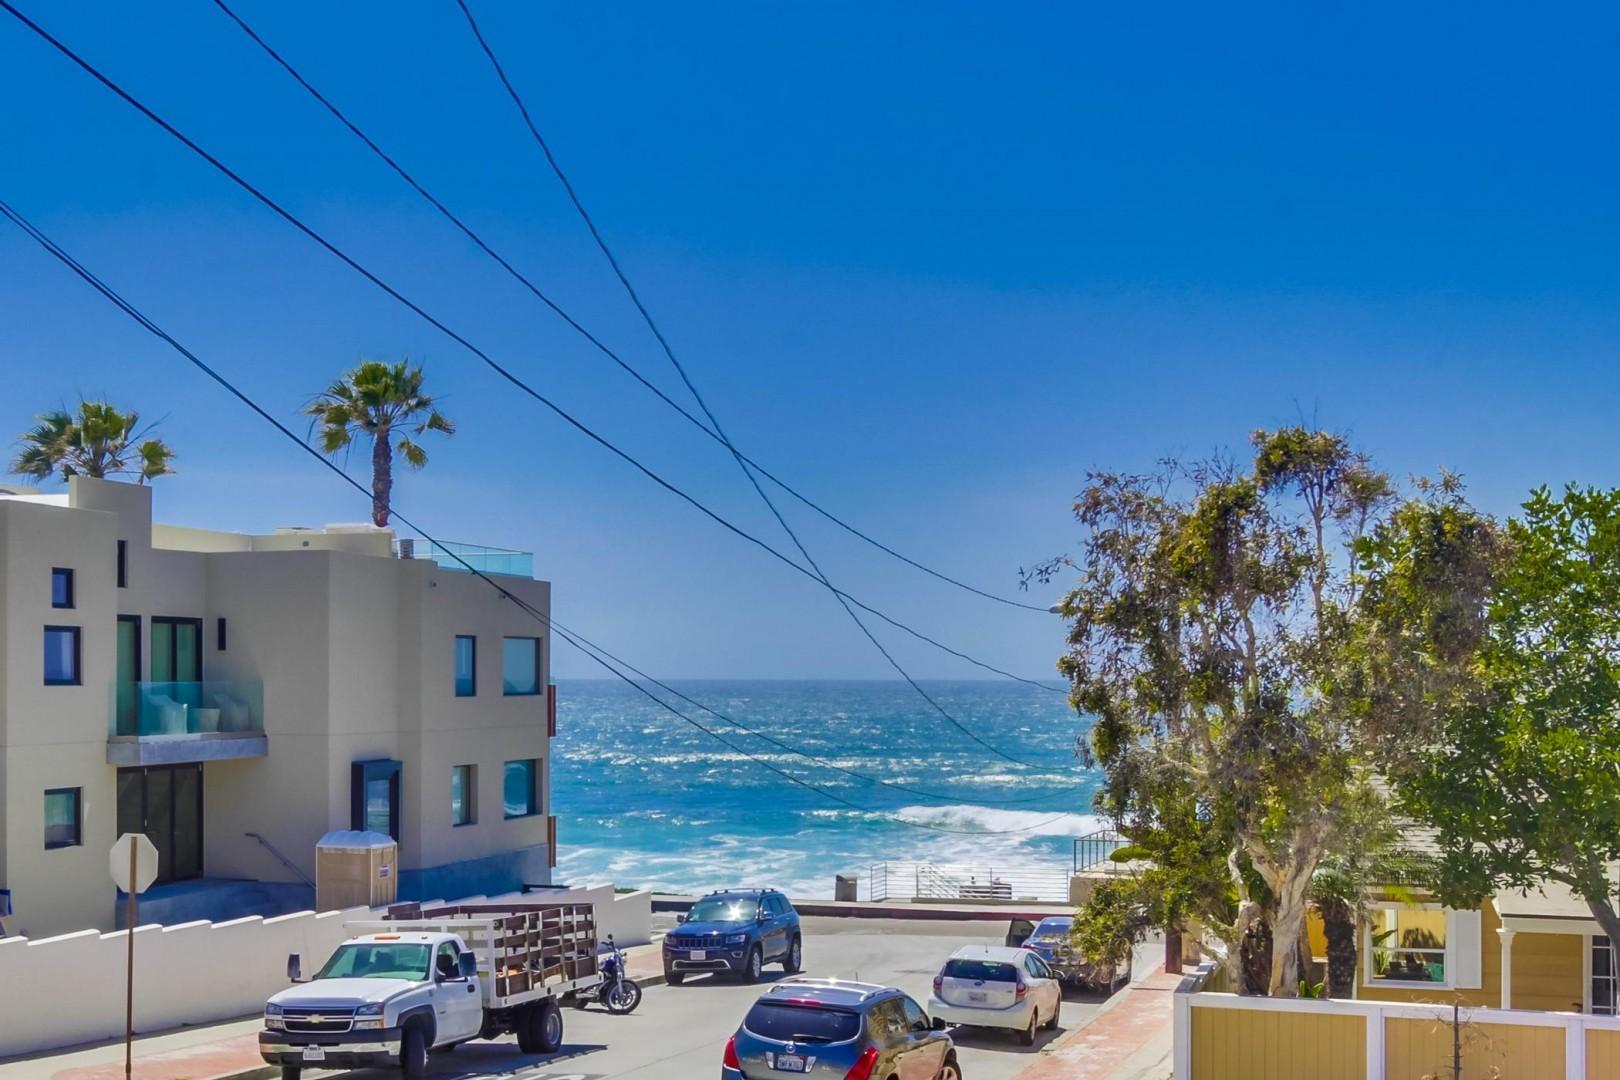 6701-vista-del-mar-ave-021_2100x1400